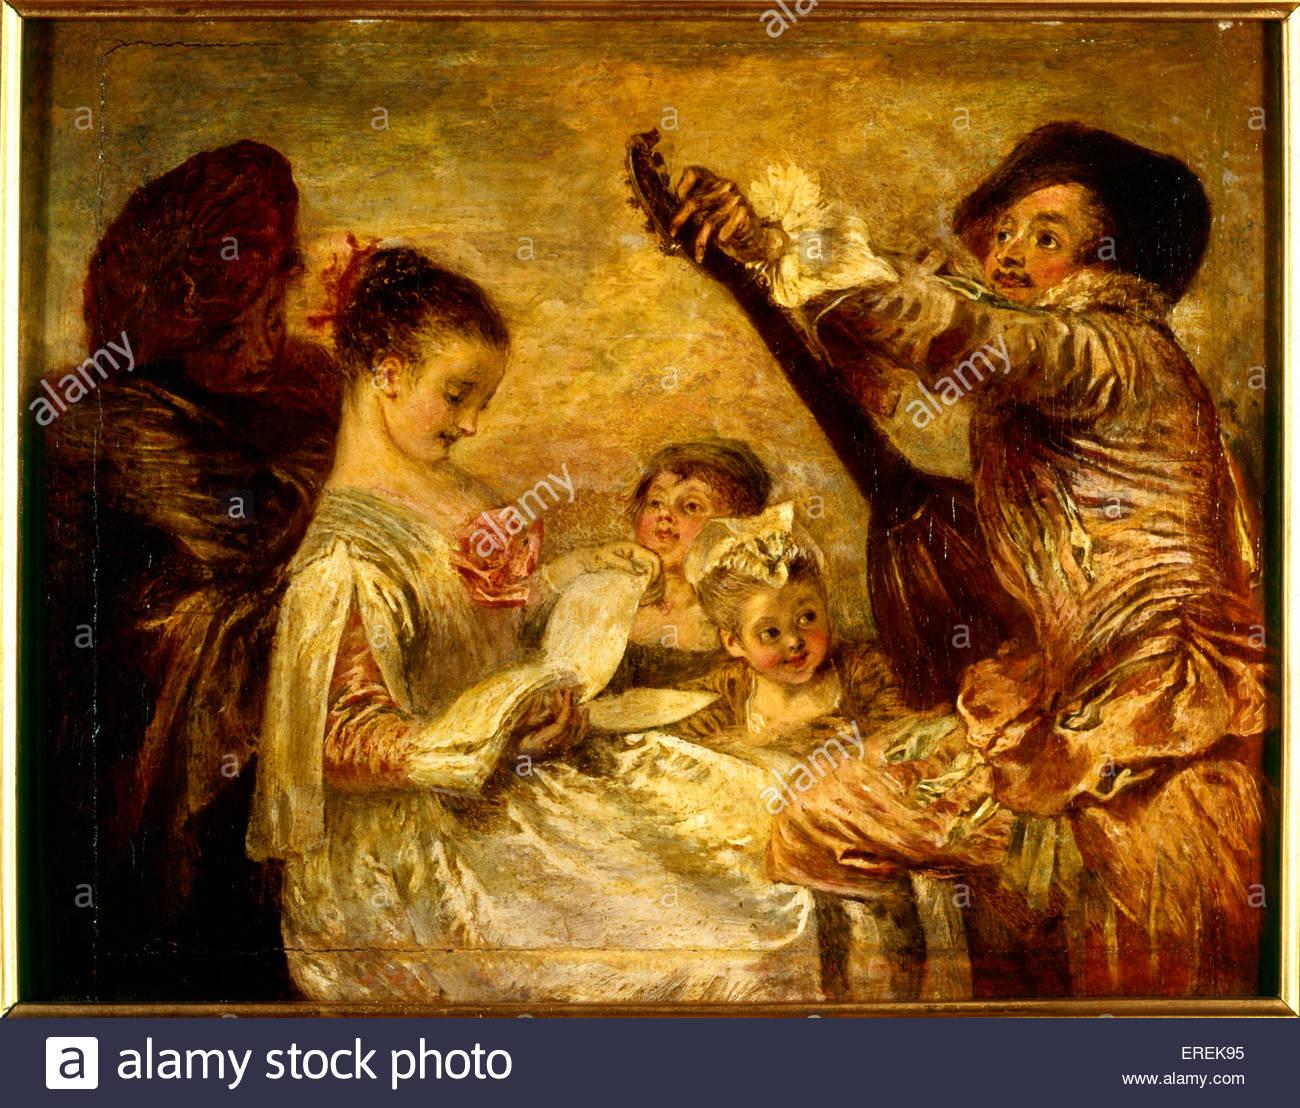 La Leçon de Musique (The Music Lesson) by Antoine Watteau, c. 1717-1718. Oil on pine panel with walnut strips. - Stock Image